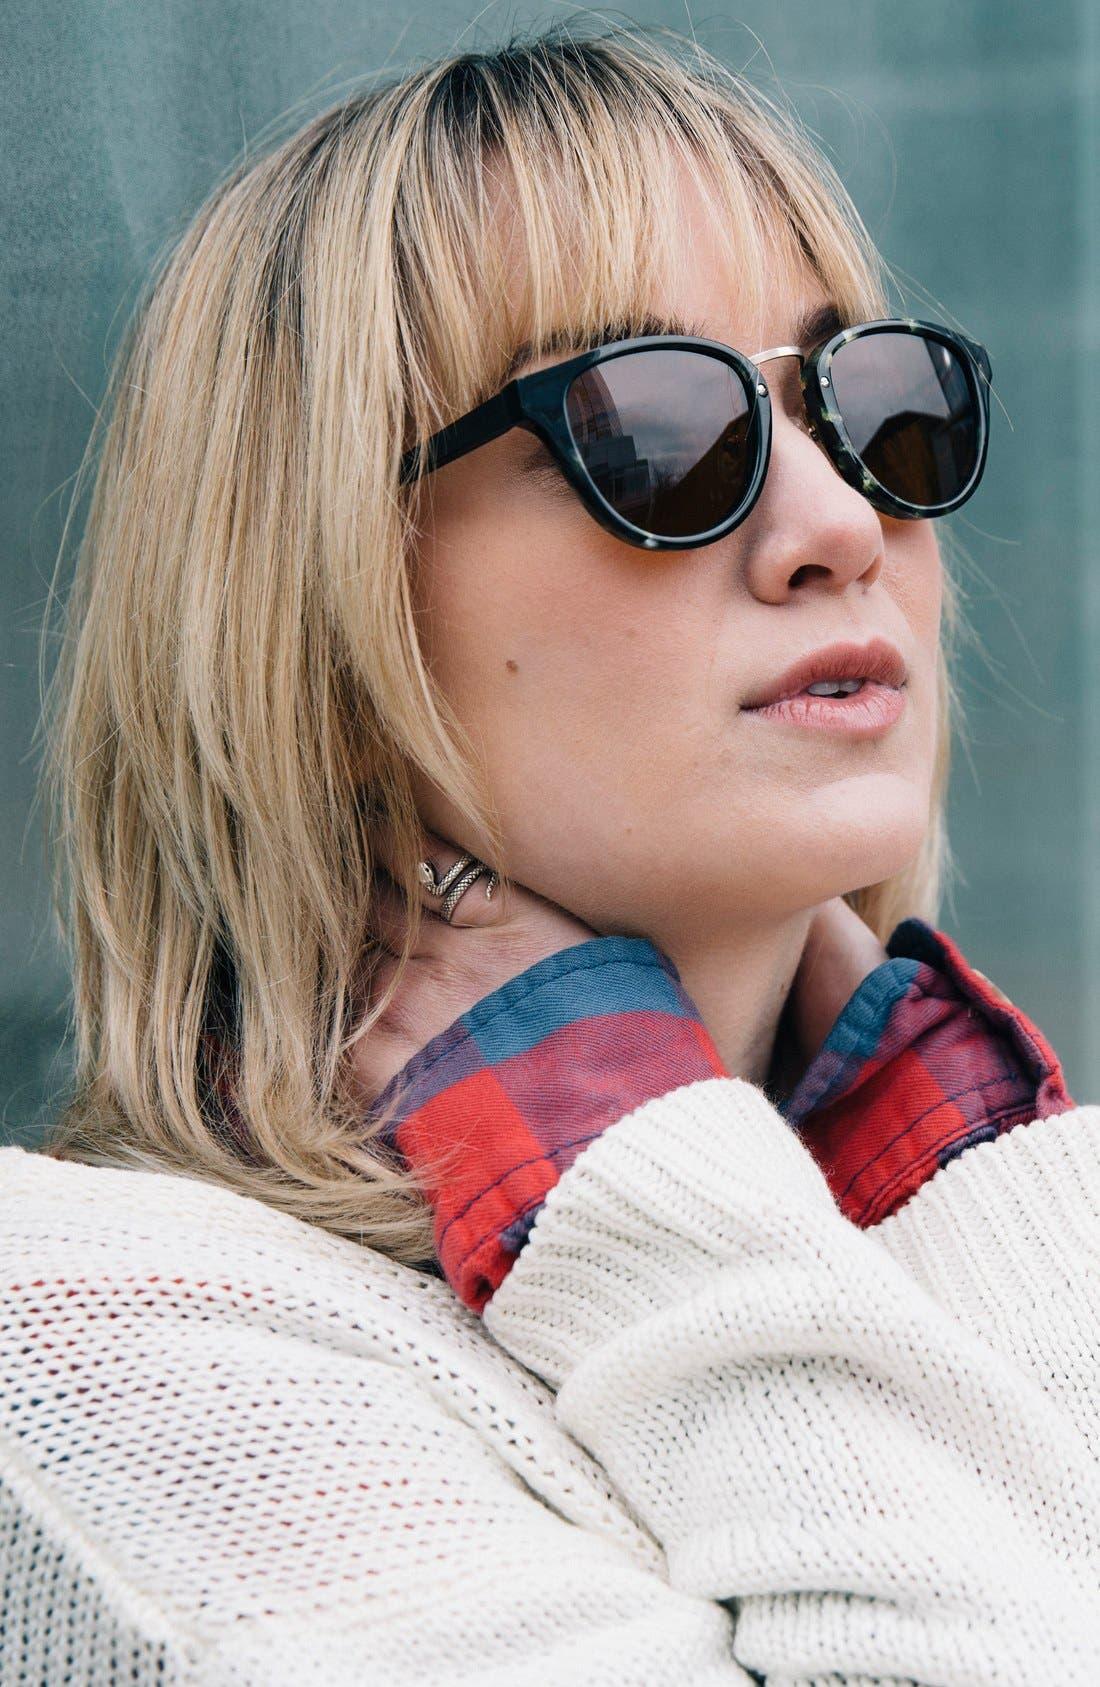 Alternate Image 2  - Shwood 'Ainsworth' 49mm Polarized Sunglasses